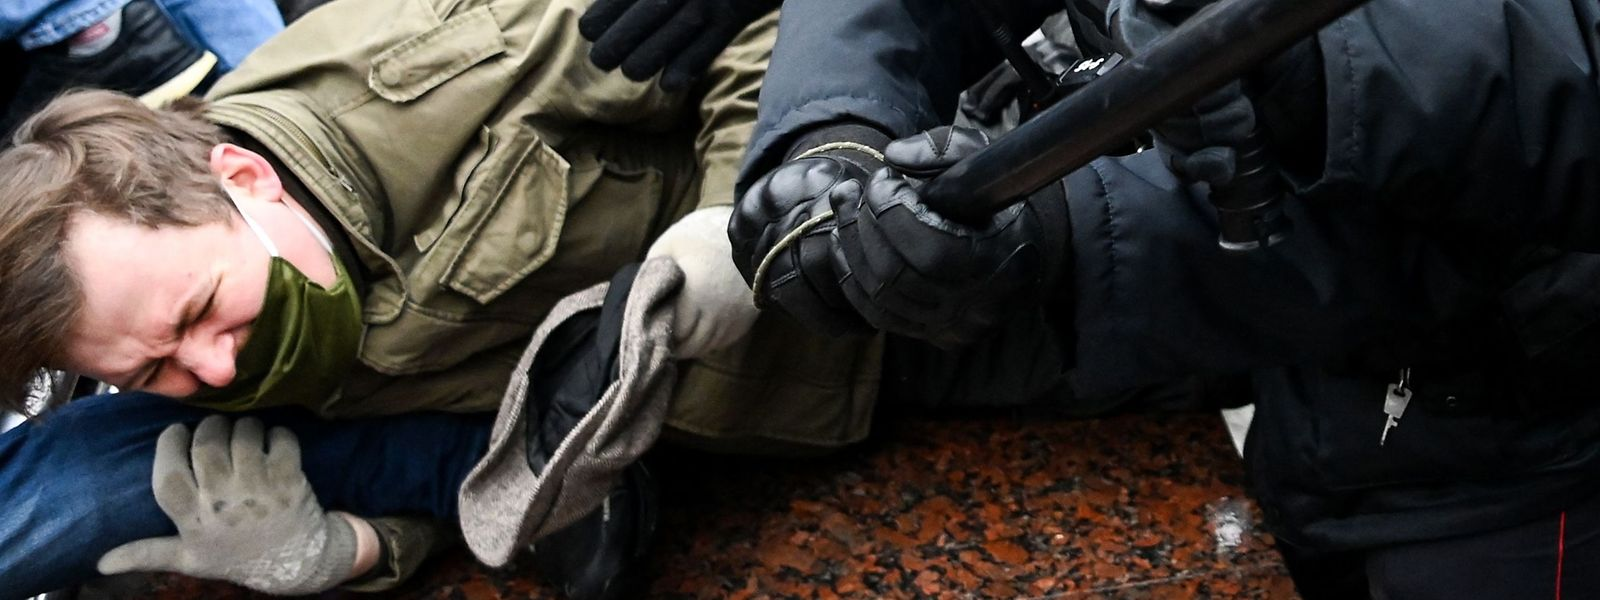 Zusammenstöße zwischen Polizei und Demonstranten im Zentrum von Moskau.